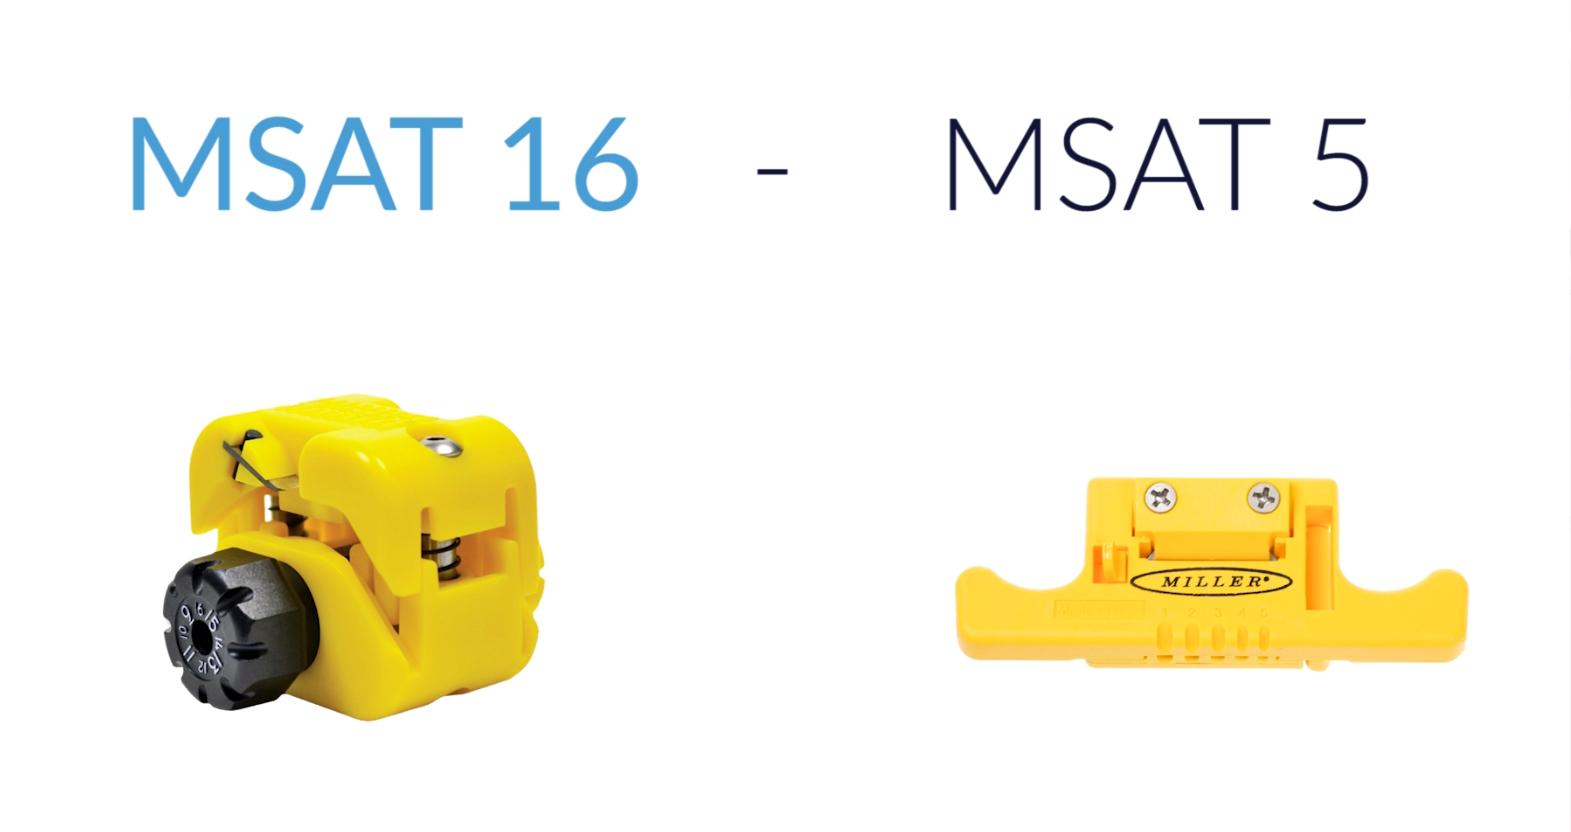 Msat 16 - Msat 5